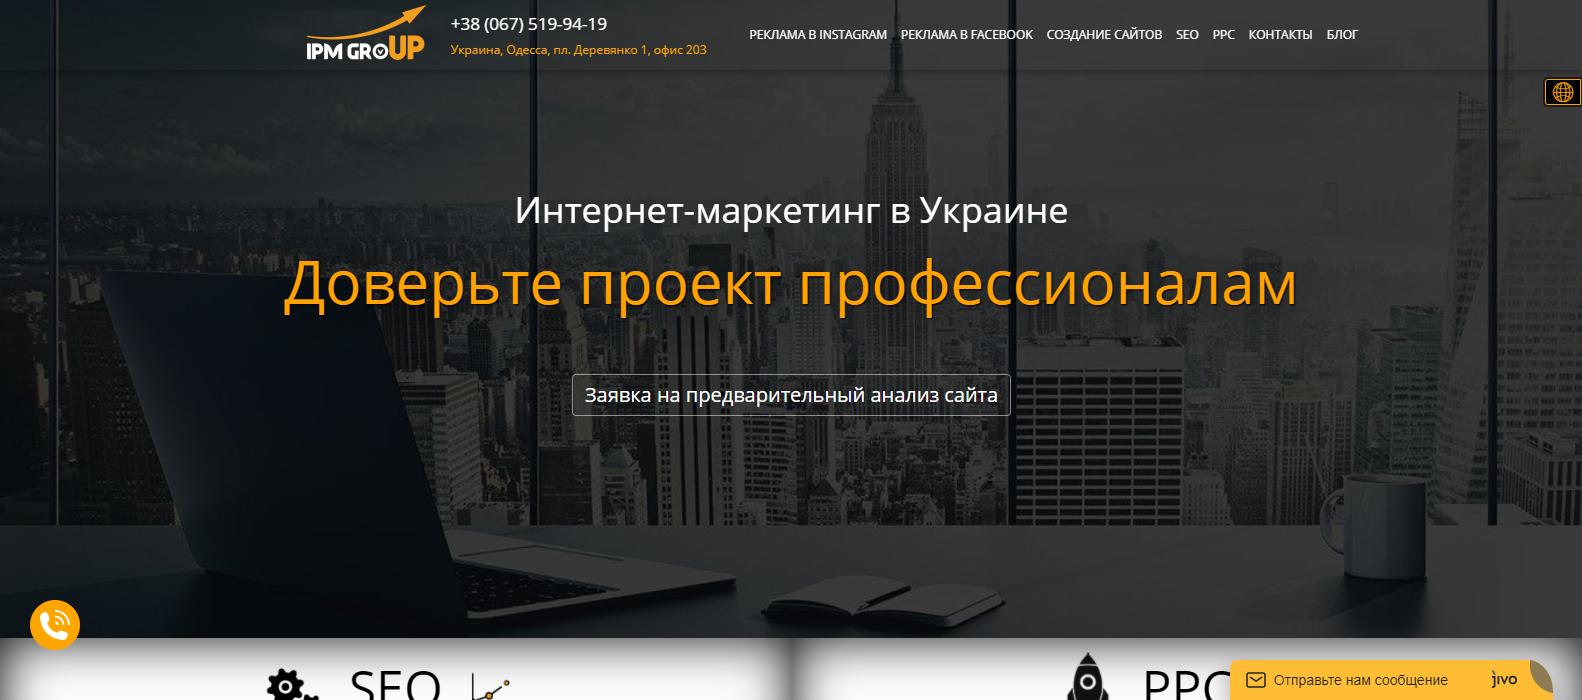 Разработка логотипа для управляющей компании фото f_1985f82e8aade9e7.jpg